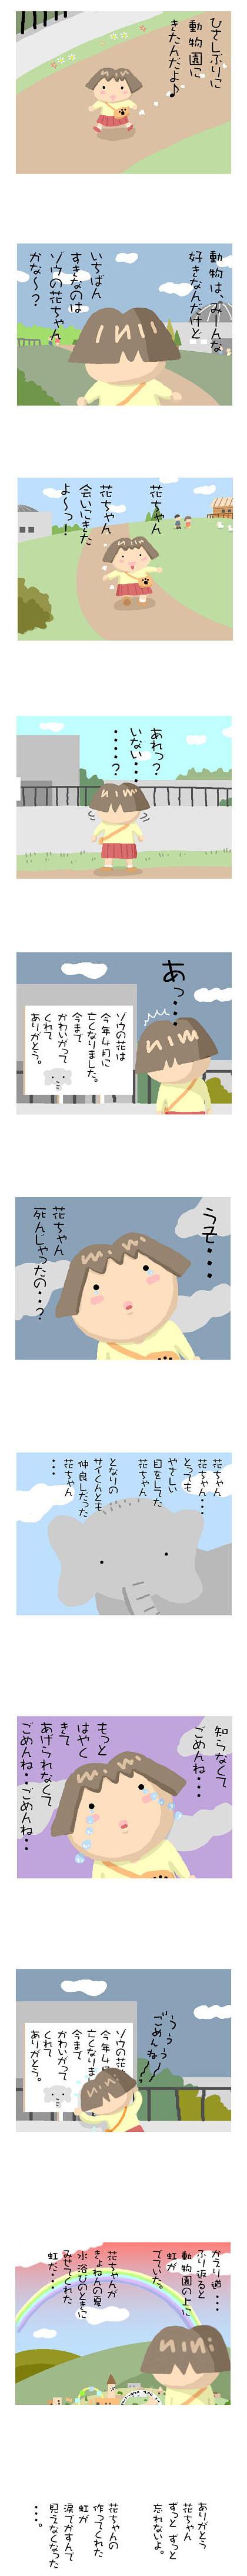 花ちゃんの虹2